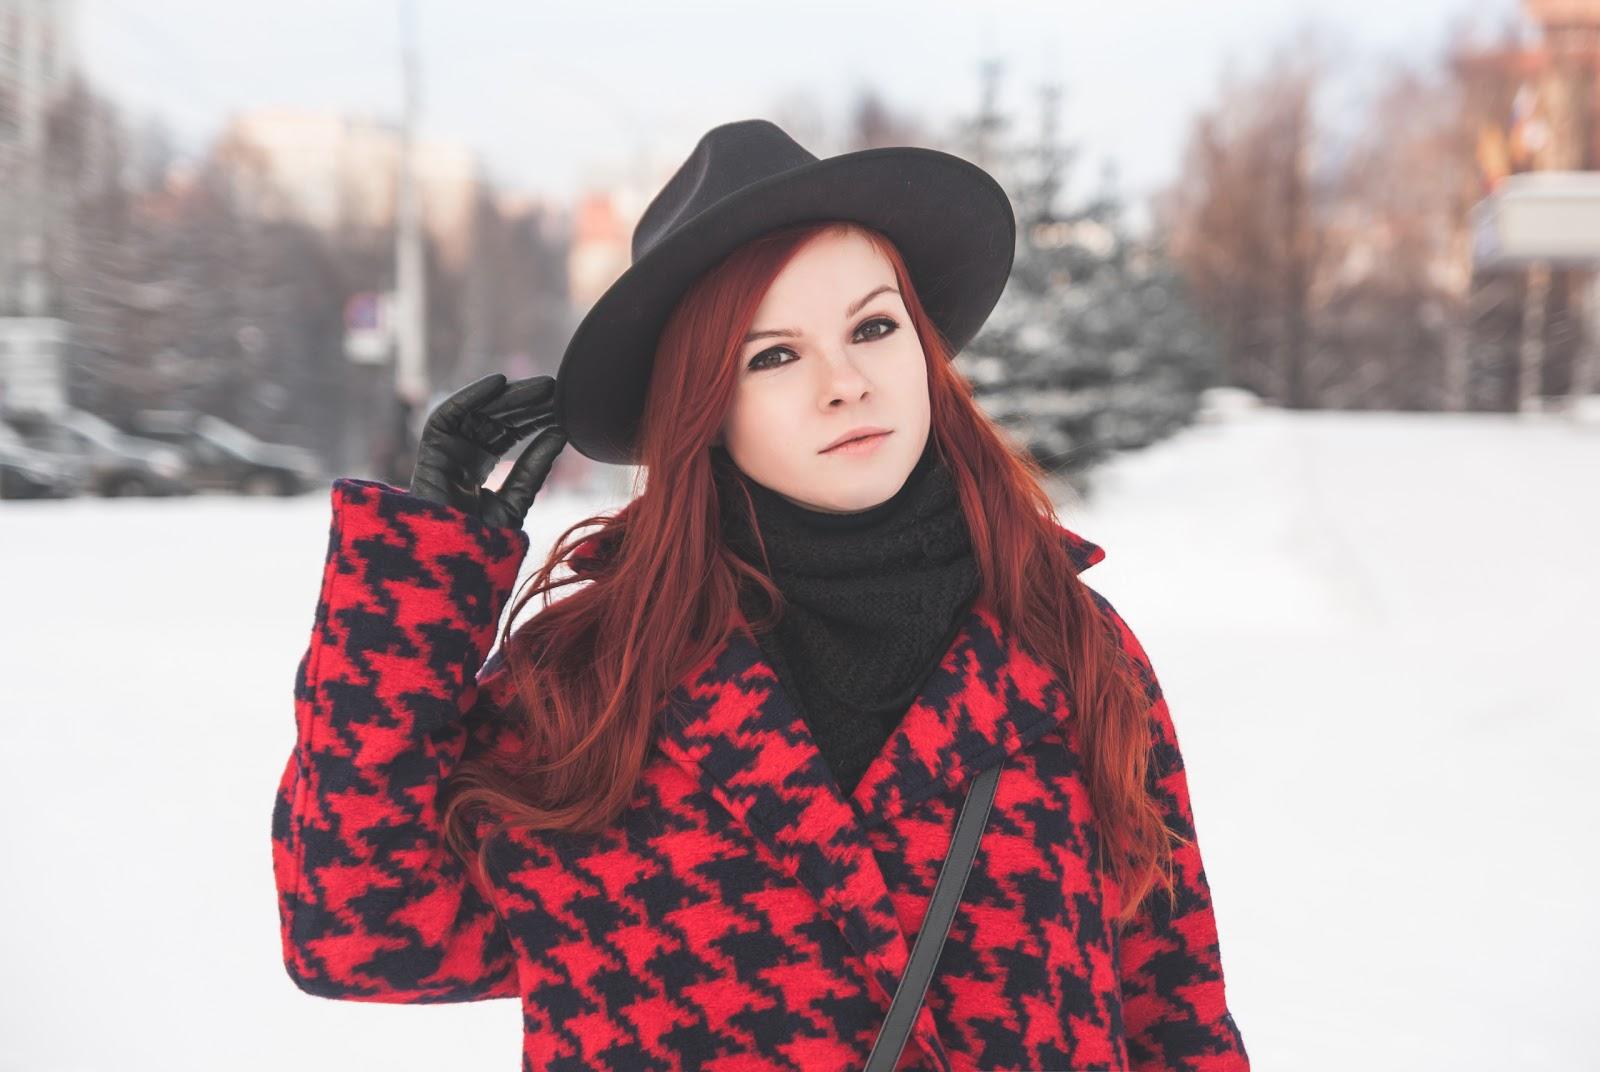 http://www.recklessdiary.ru/2016/12/gde-kupit-zimnee-palto-vipme-otzyvy-chernyj-s-krasnym.html